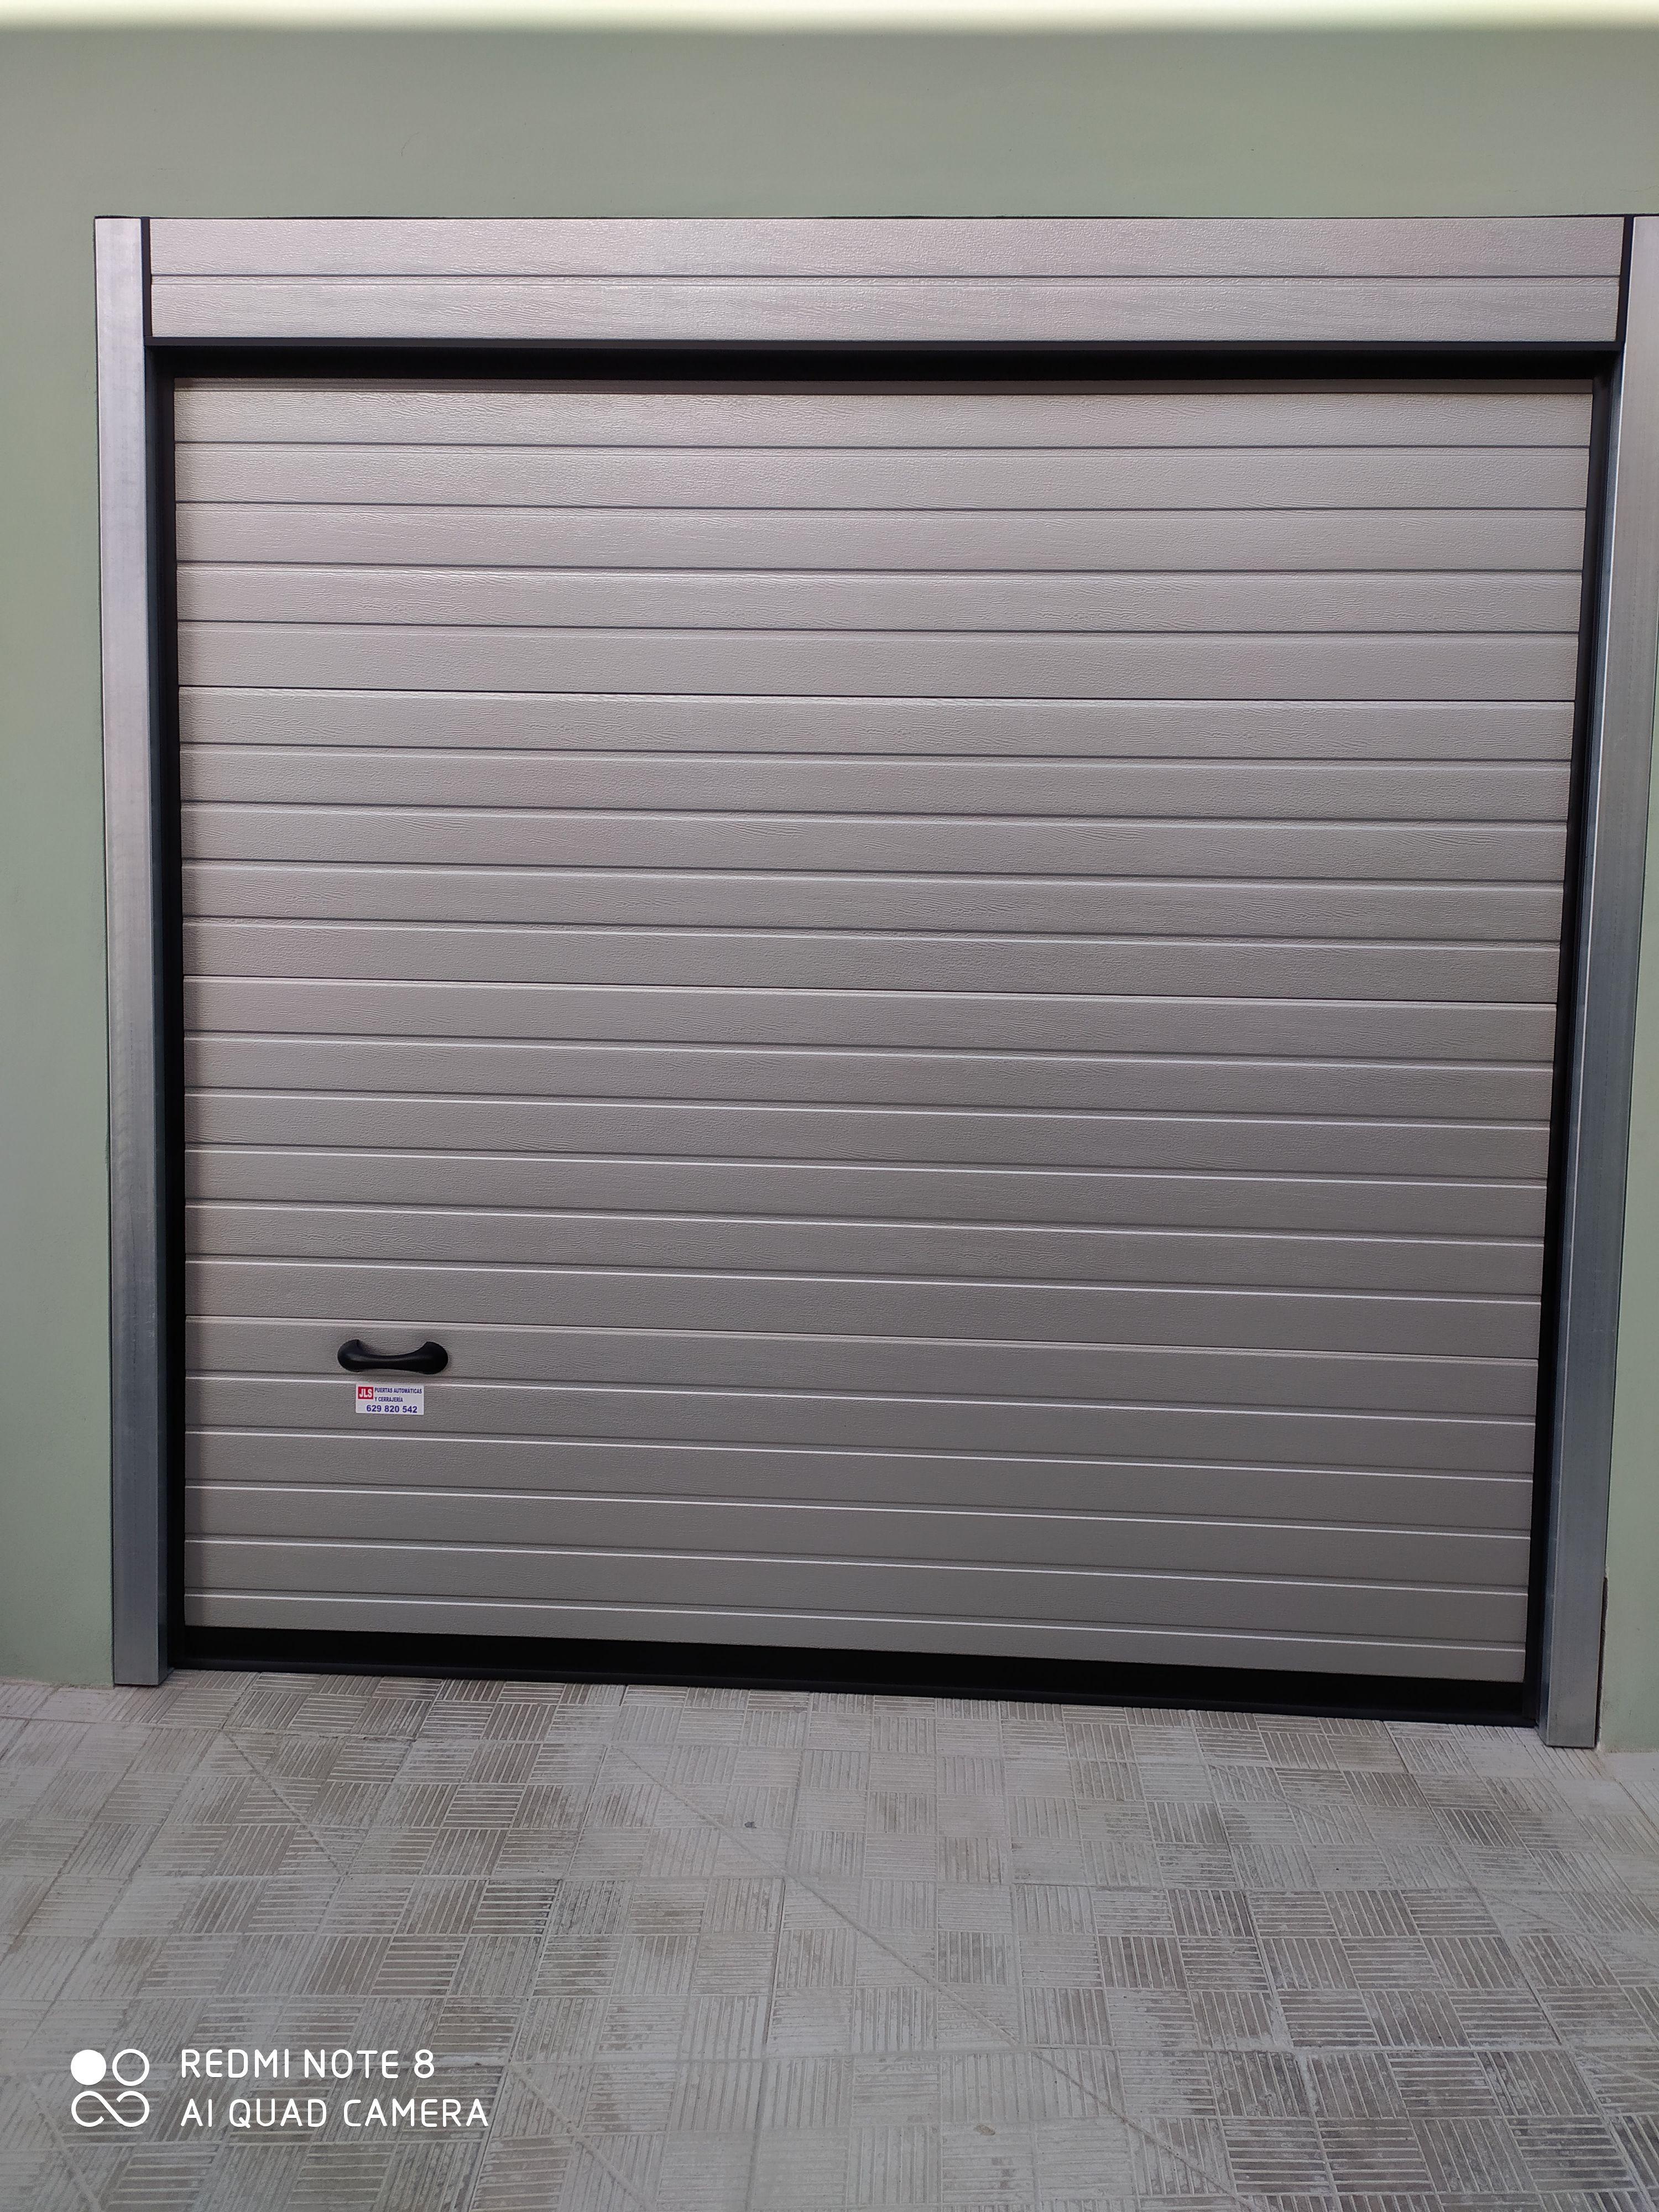 Mantenimiento y reparación de puertas automáticas en Tenerife